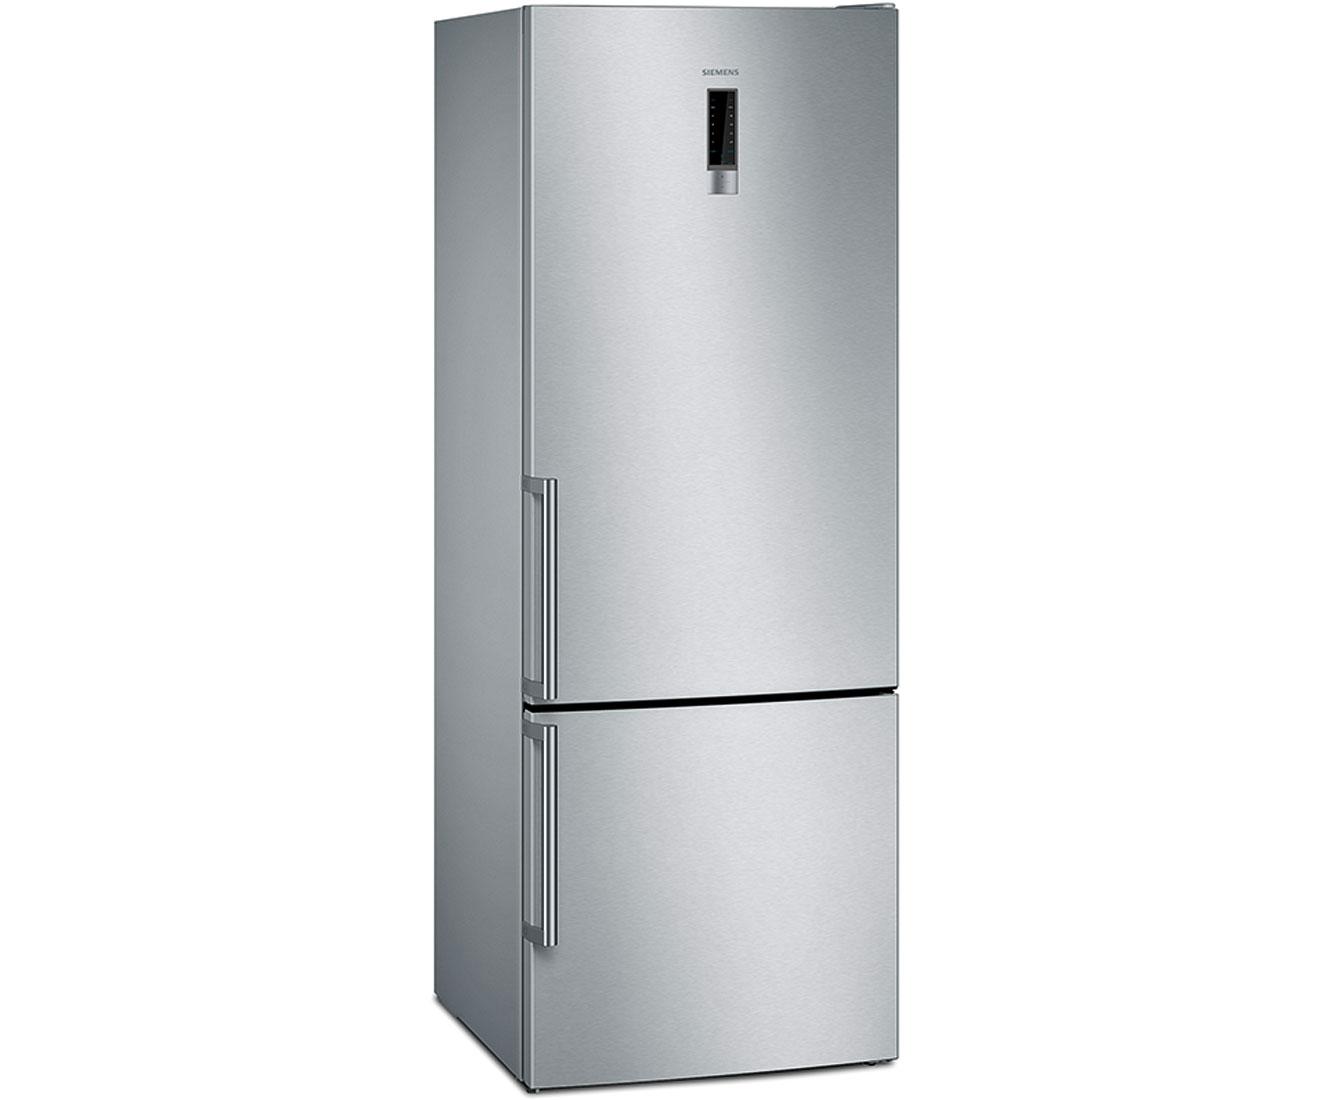 Siemens iQ300 KG56NXI40 Kühl-Gefrierkombinationen - Edelstahl | Küche und Esszimmer > Küchenelektrogeräte > Kühl-Gefrierkombis | Edelstahl | Siemens